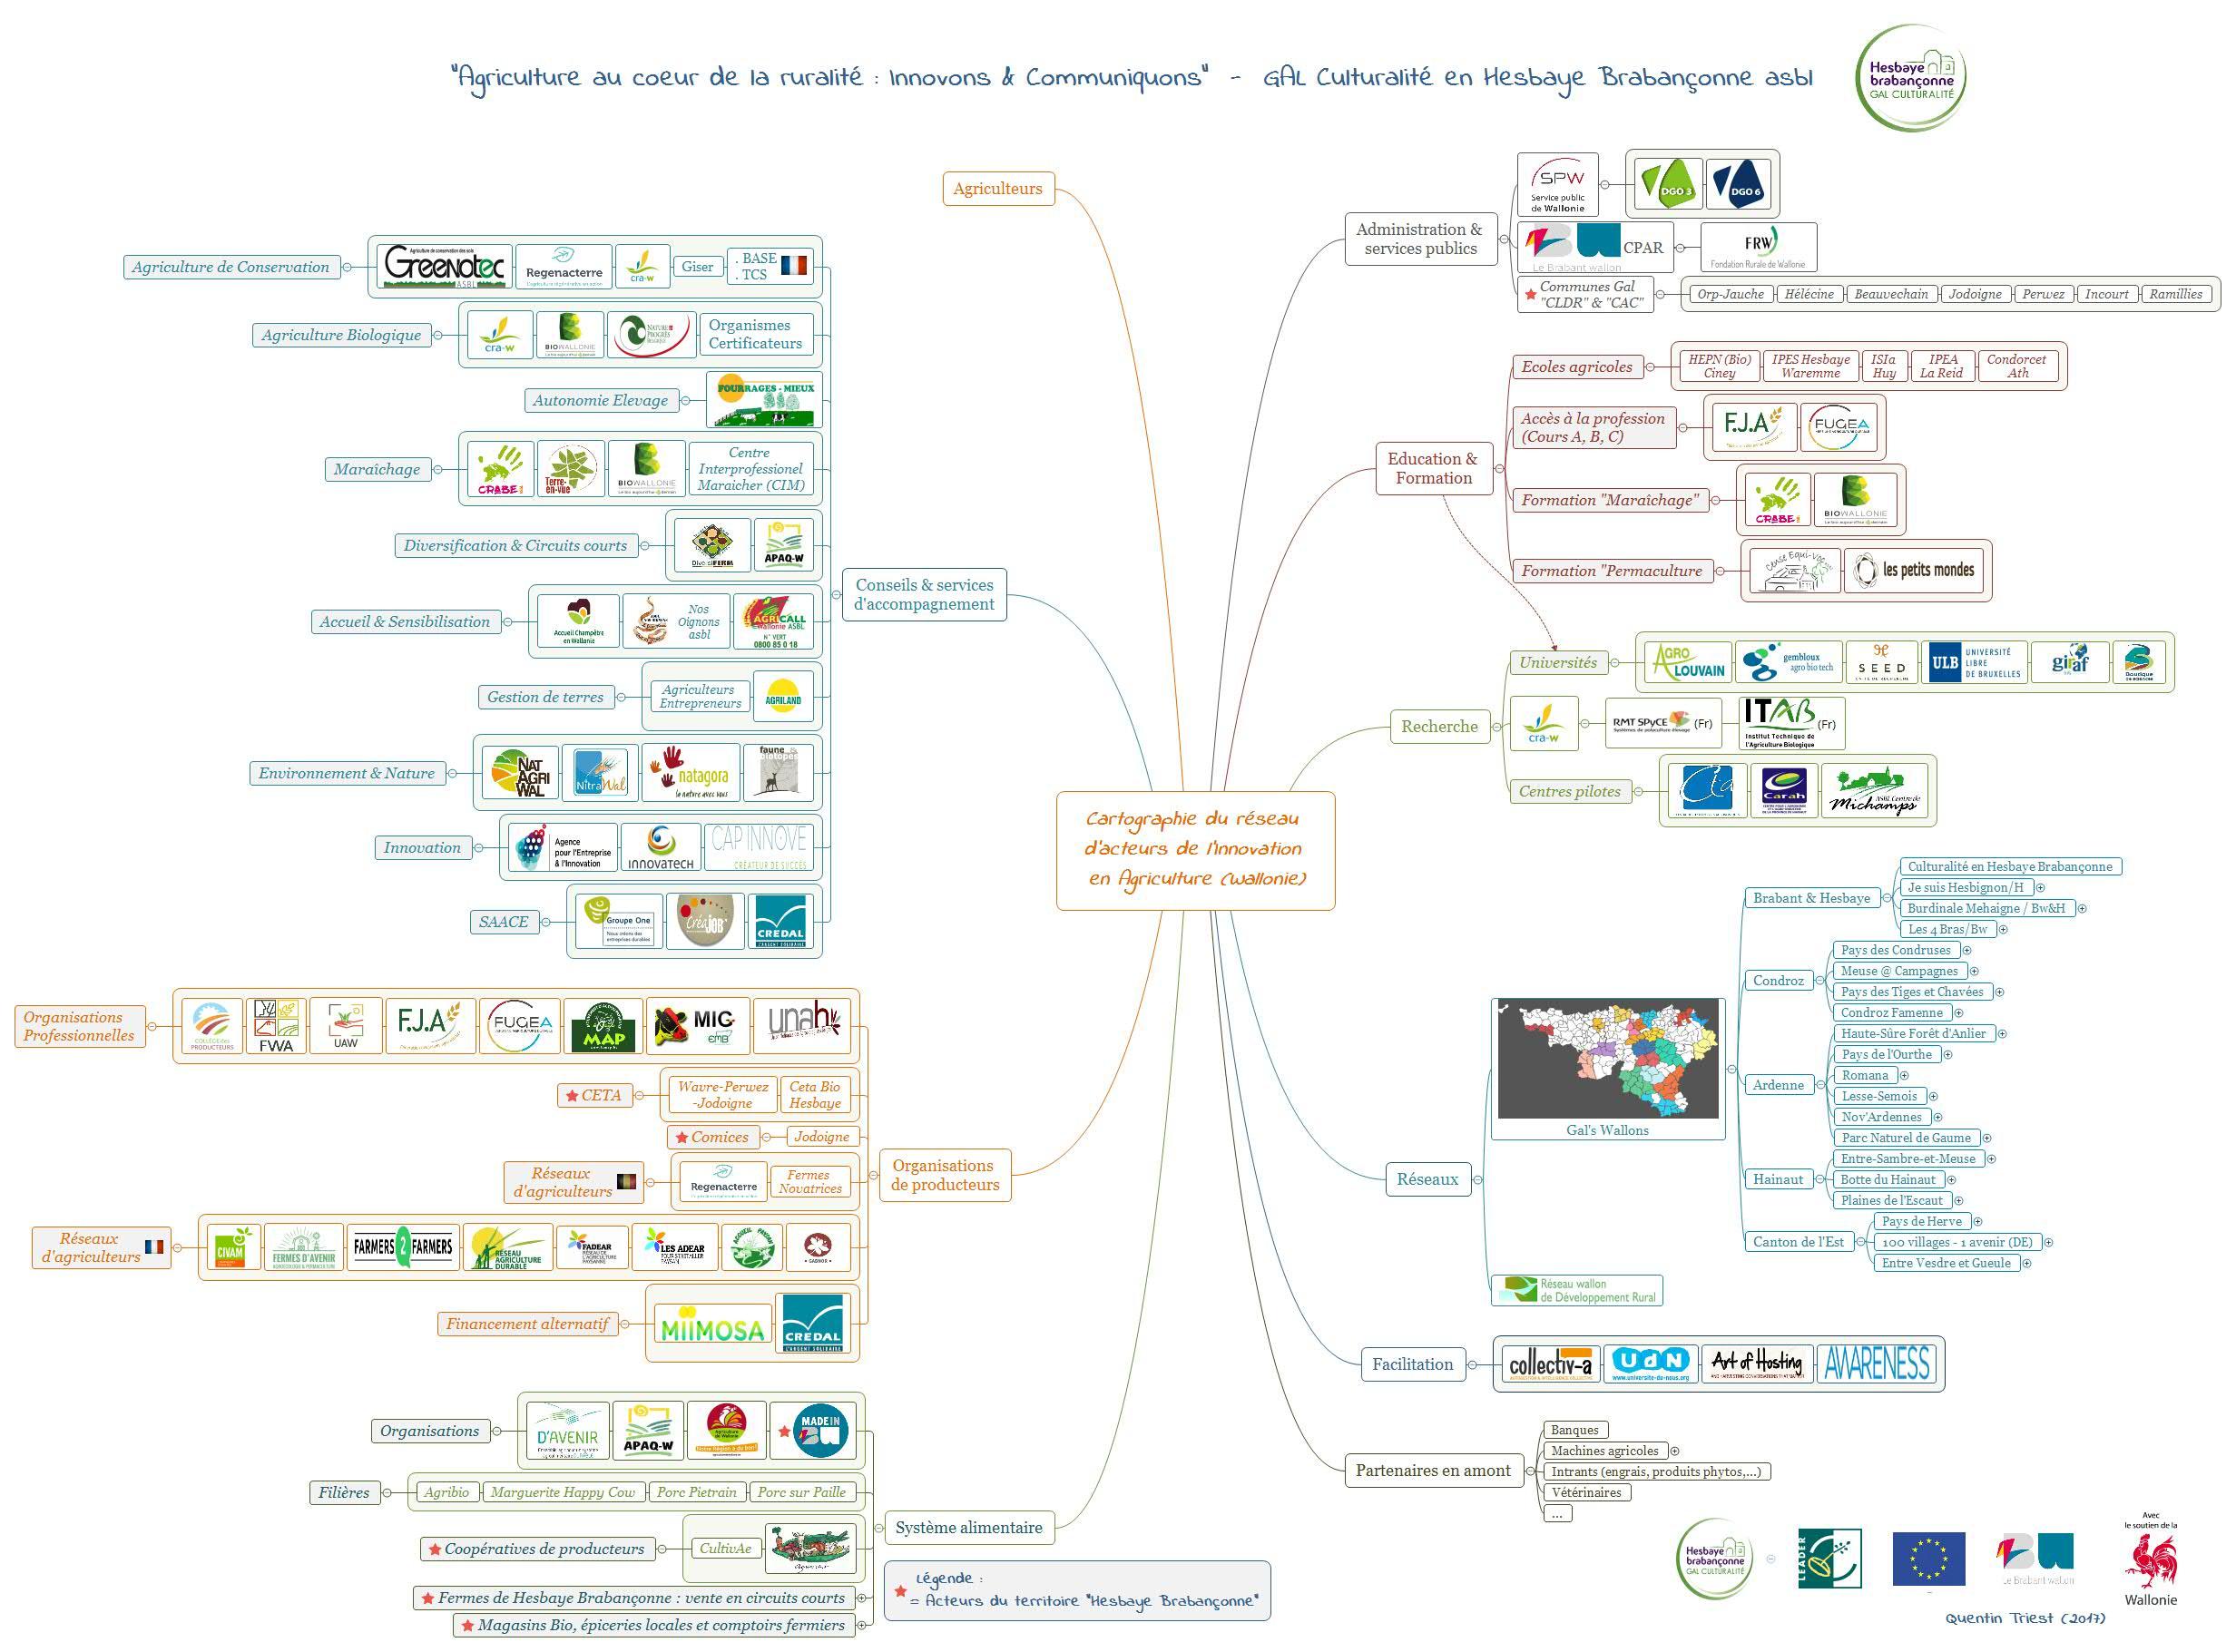 image Cartographie_du_rseau__dacteurs_de_lInnovation__en_Agriculture_Wallonie.jpg (0.5MB) Lien vers: CartographiE